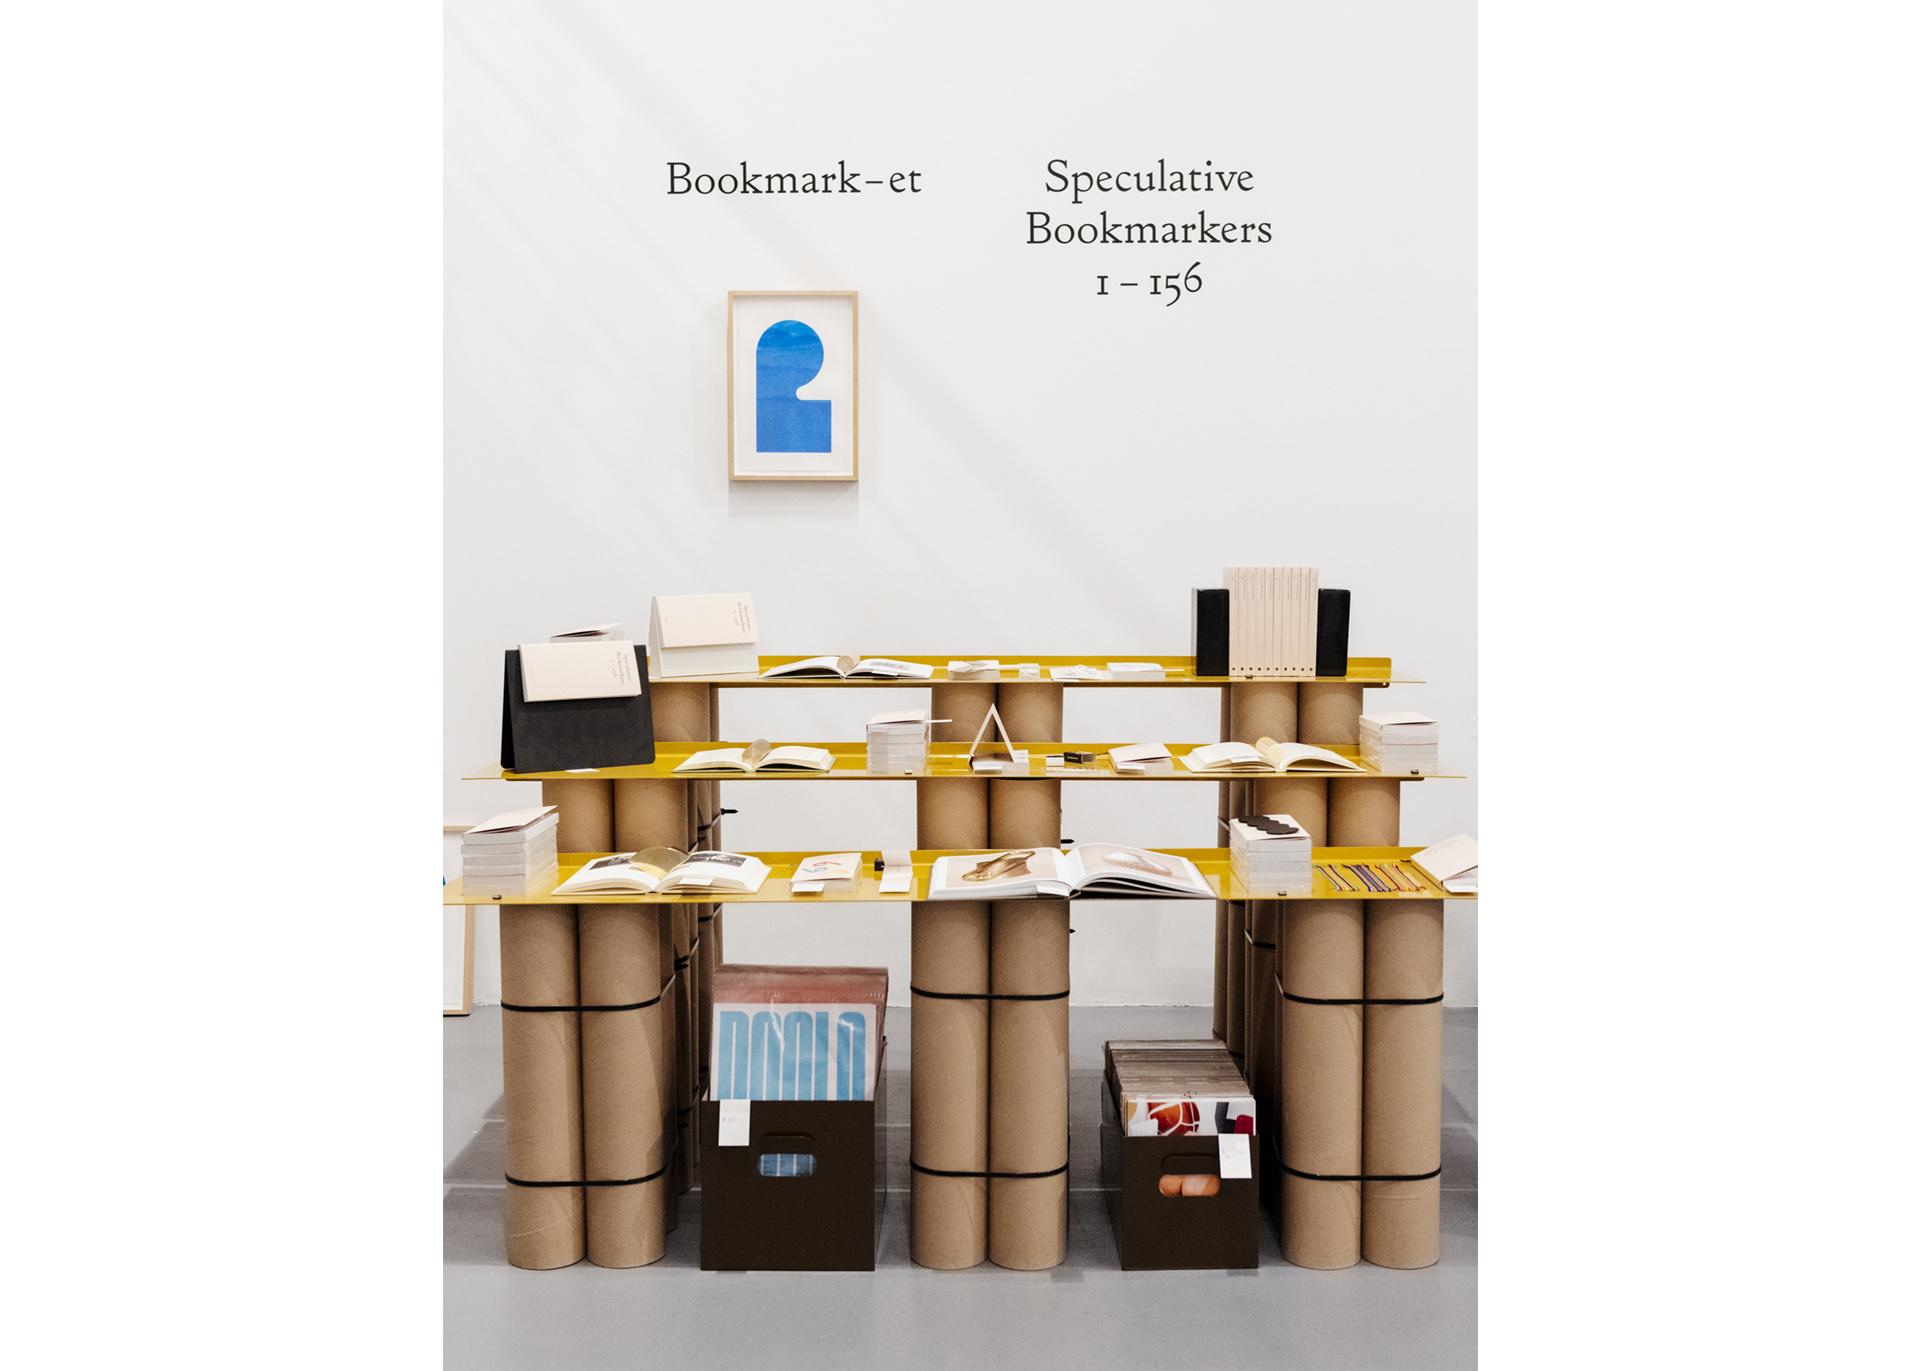 Norma-Bookmarket-13 - TRETOW.jpg